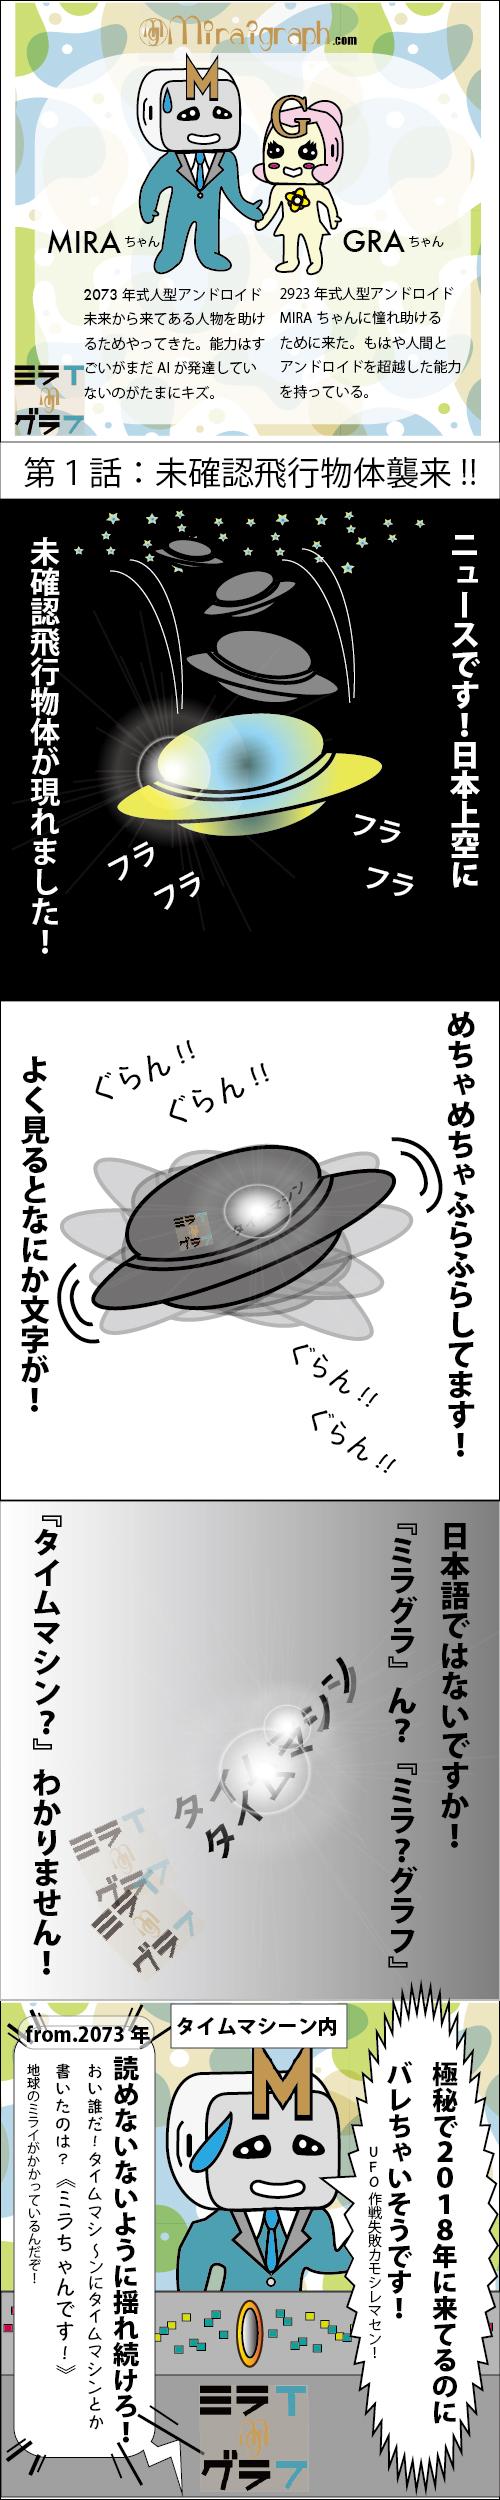 ミラちゃんグラちゃん世界を救う!?第1話 未確認飛行物体襲来!?